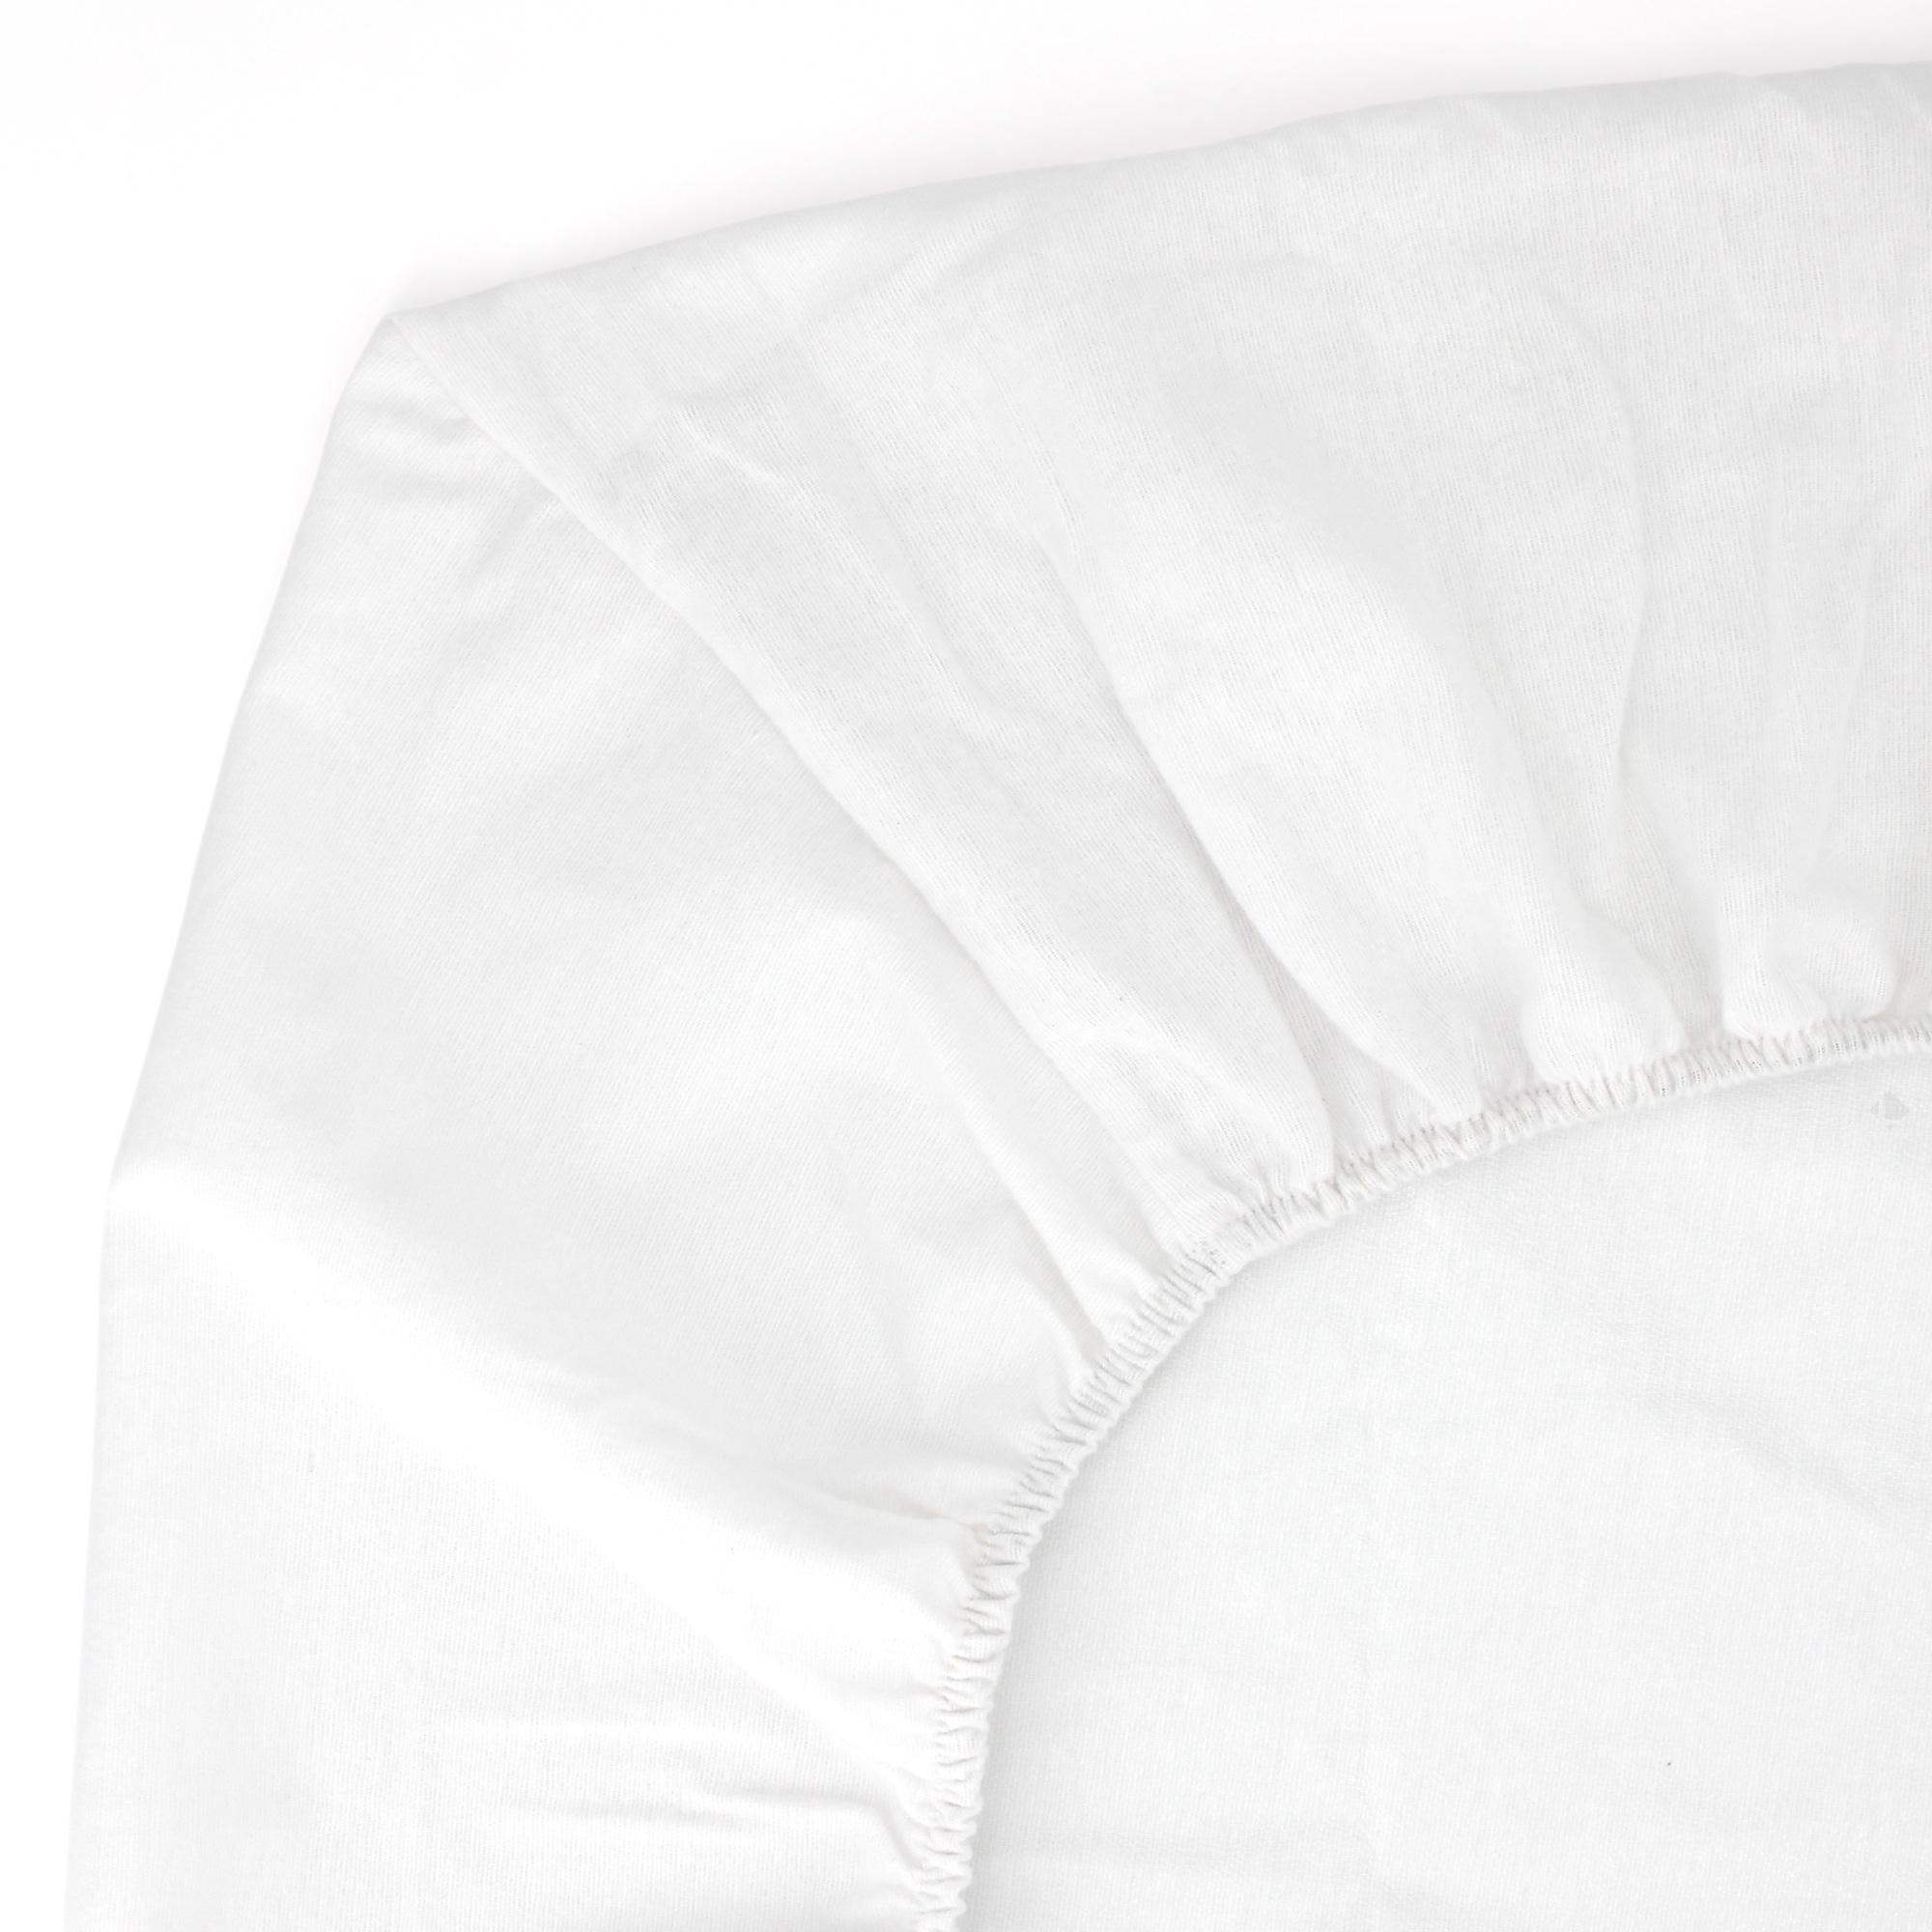 prot ge matelas imperm able 90x200 cm bonnet 40cm arnon molleton 100 coton contrecoll. Black Bedroom Furniture Sets. Home Design Ideas